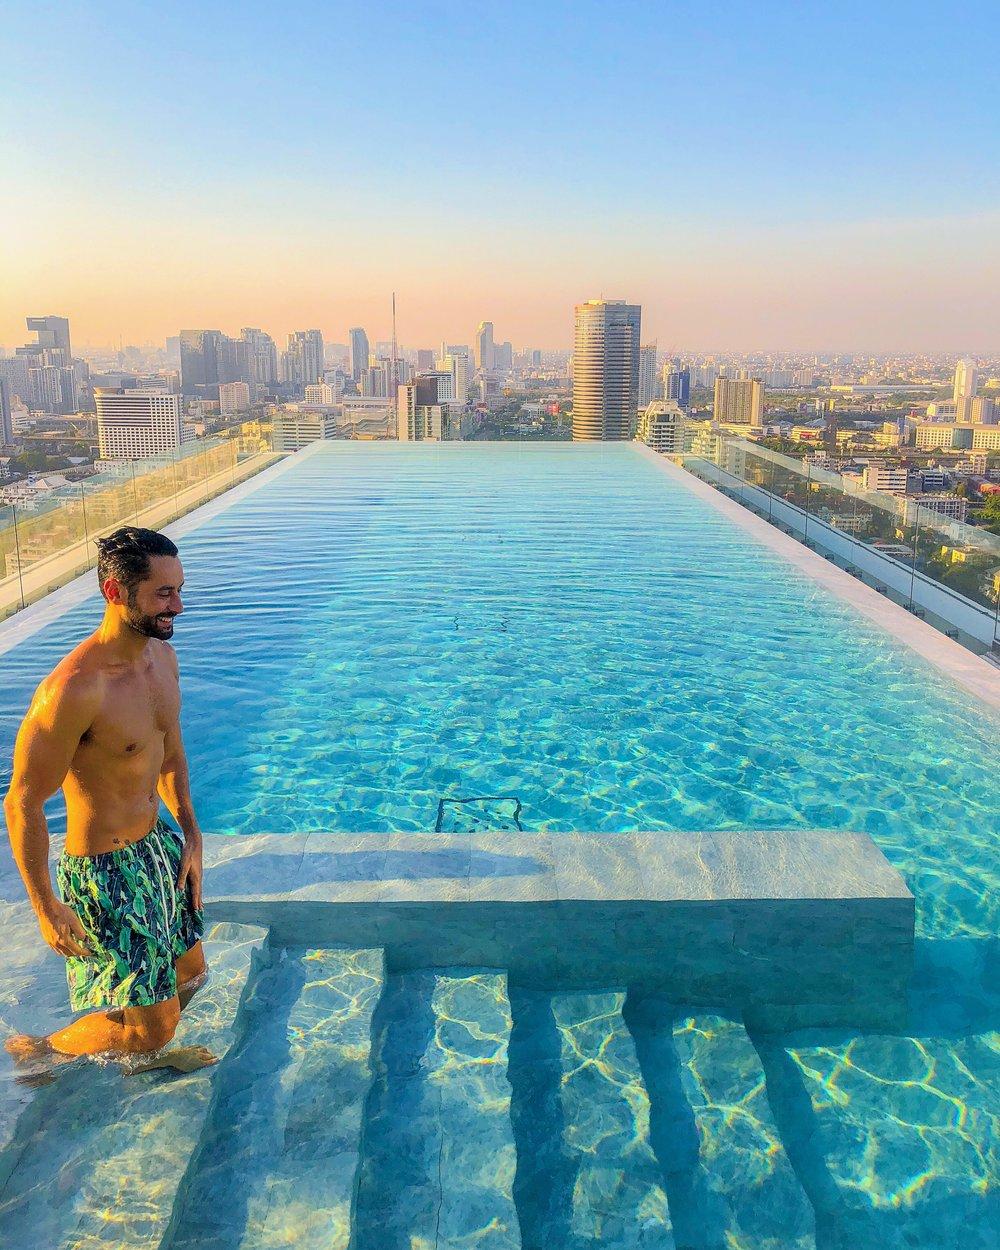 O 137 Pillars Suites and Residences em Bangkok é uma mistura de hotel e apartamentos. Com serviço excelente, decoração elegante, o hotel tem duas piscinas espetaculares em dois andares. A vista da cidade é de tirar o fôlego.